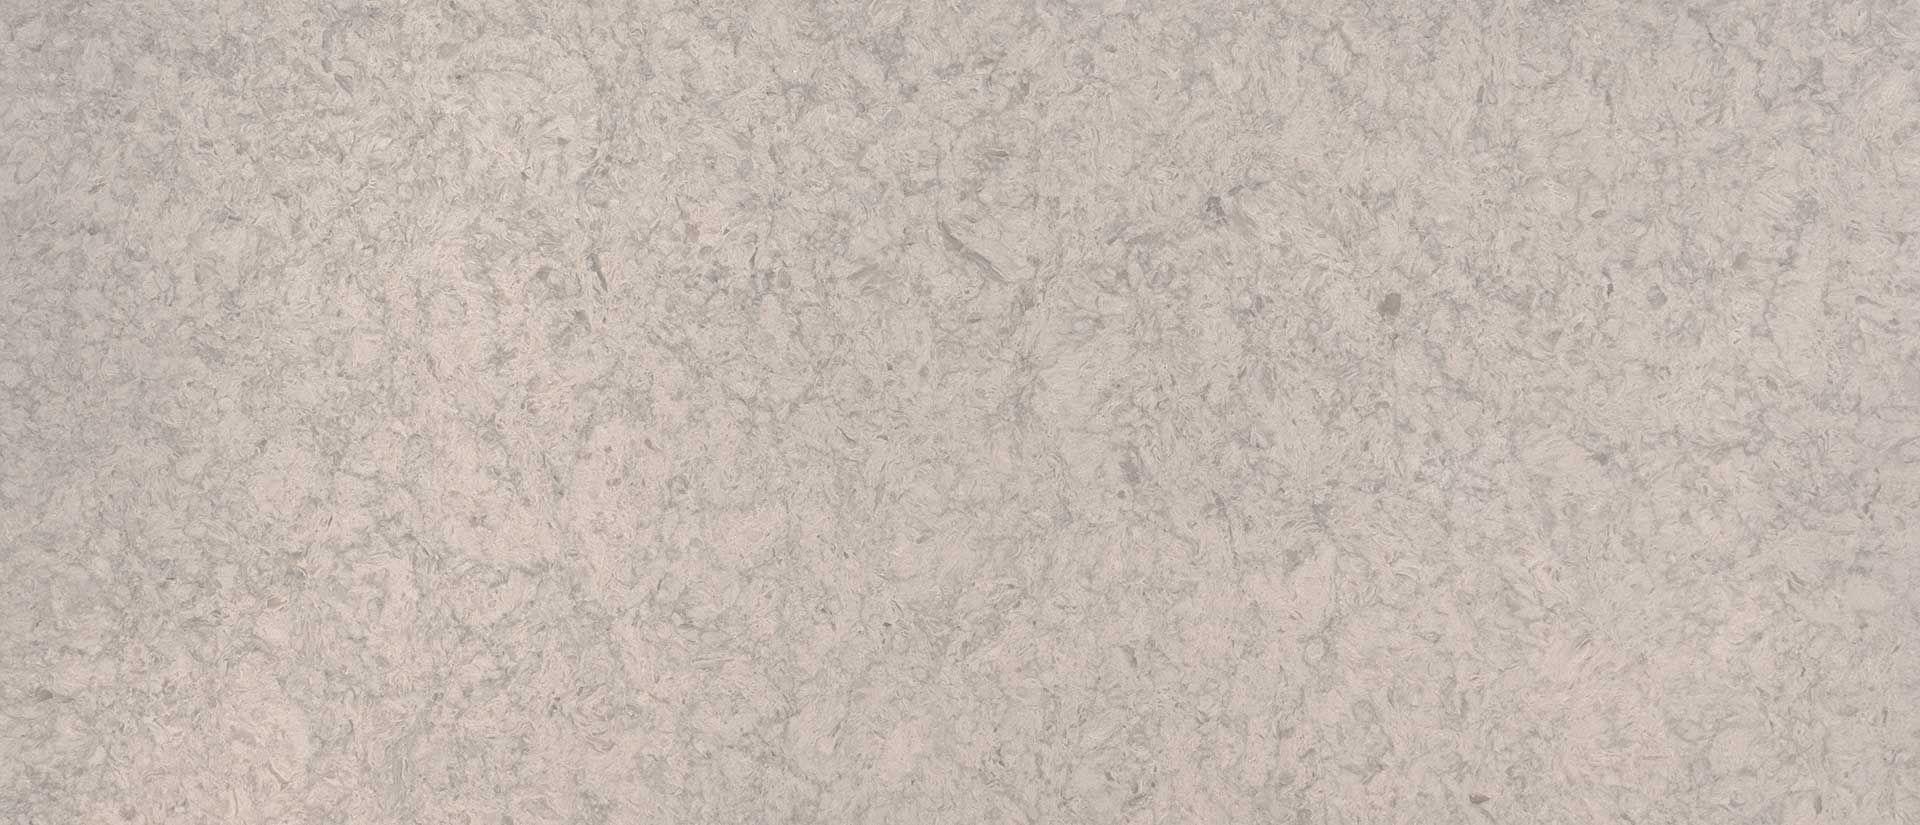 Portico Cream Quartz Slab Countertops Q Premium Natural Quartz